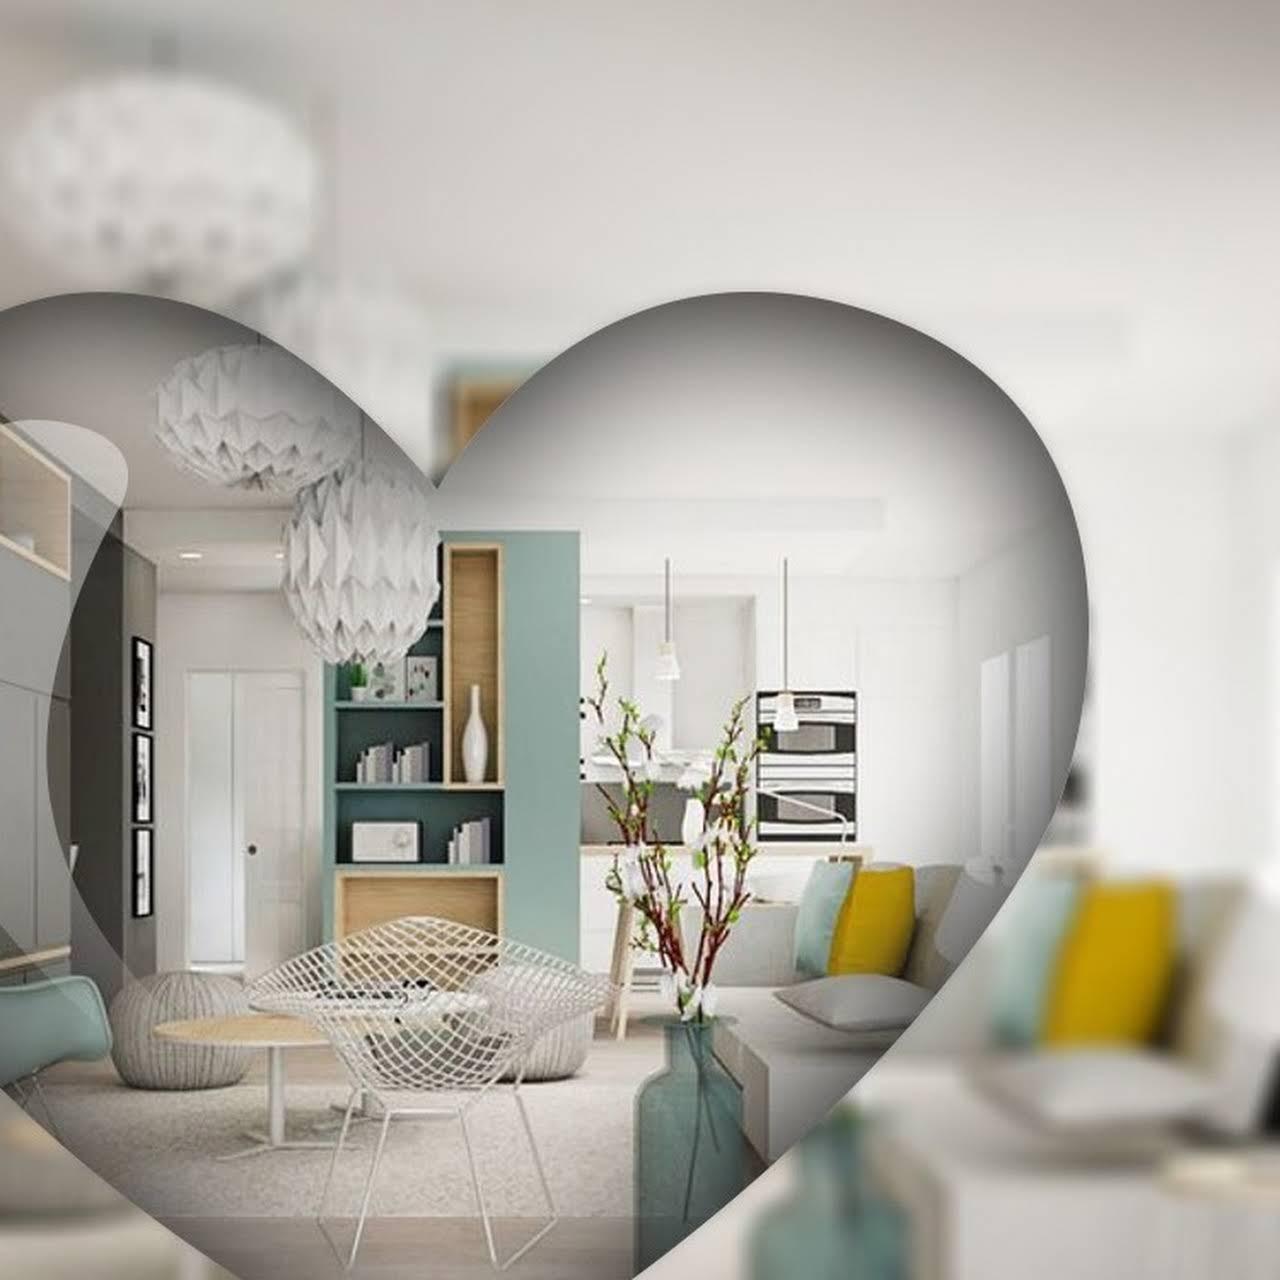 Architecte D Intérieur Auray philippe plateaux décorateur intérieur architecte d